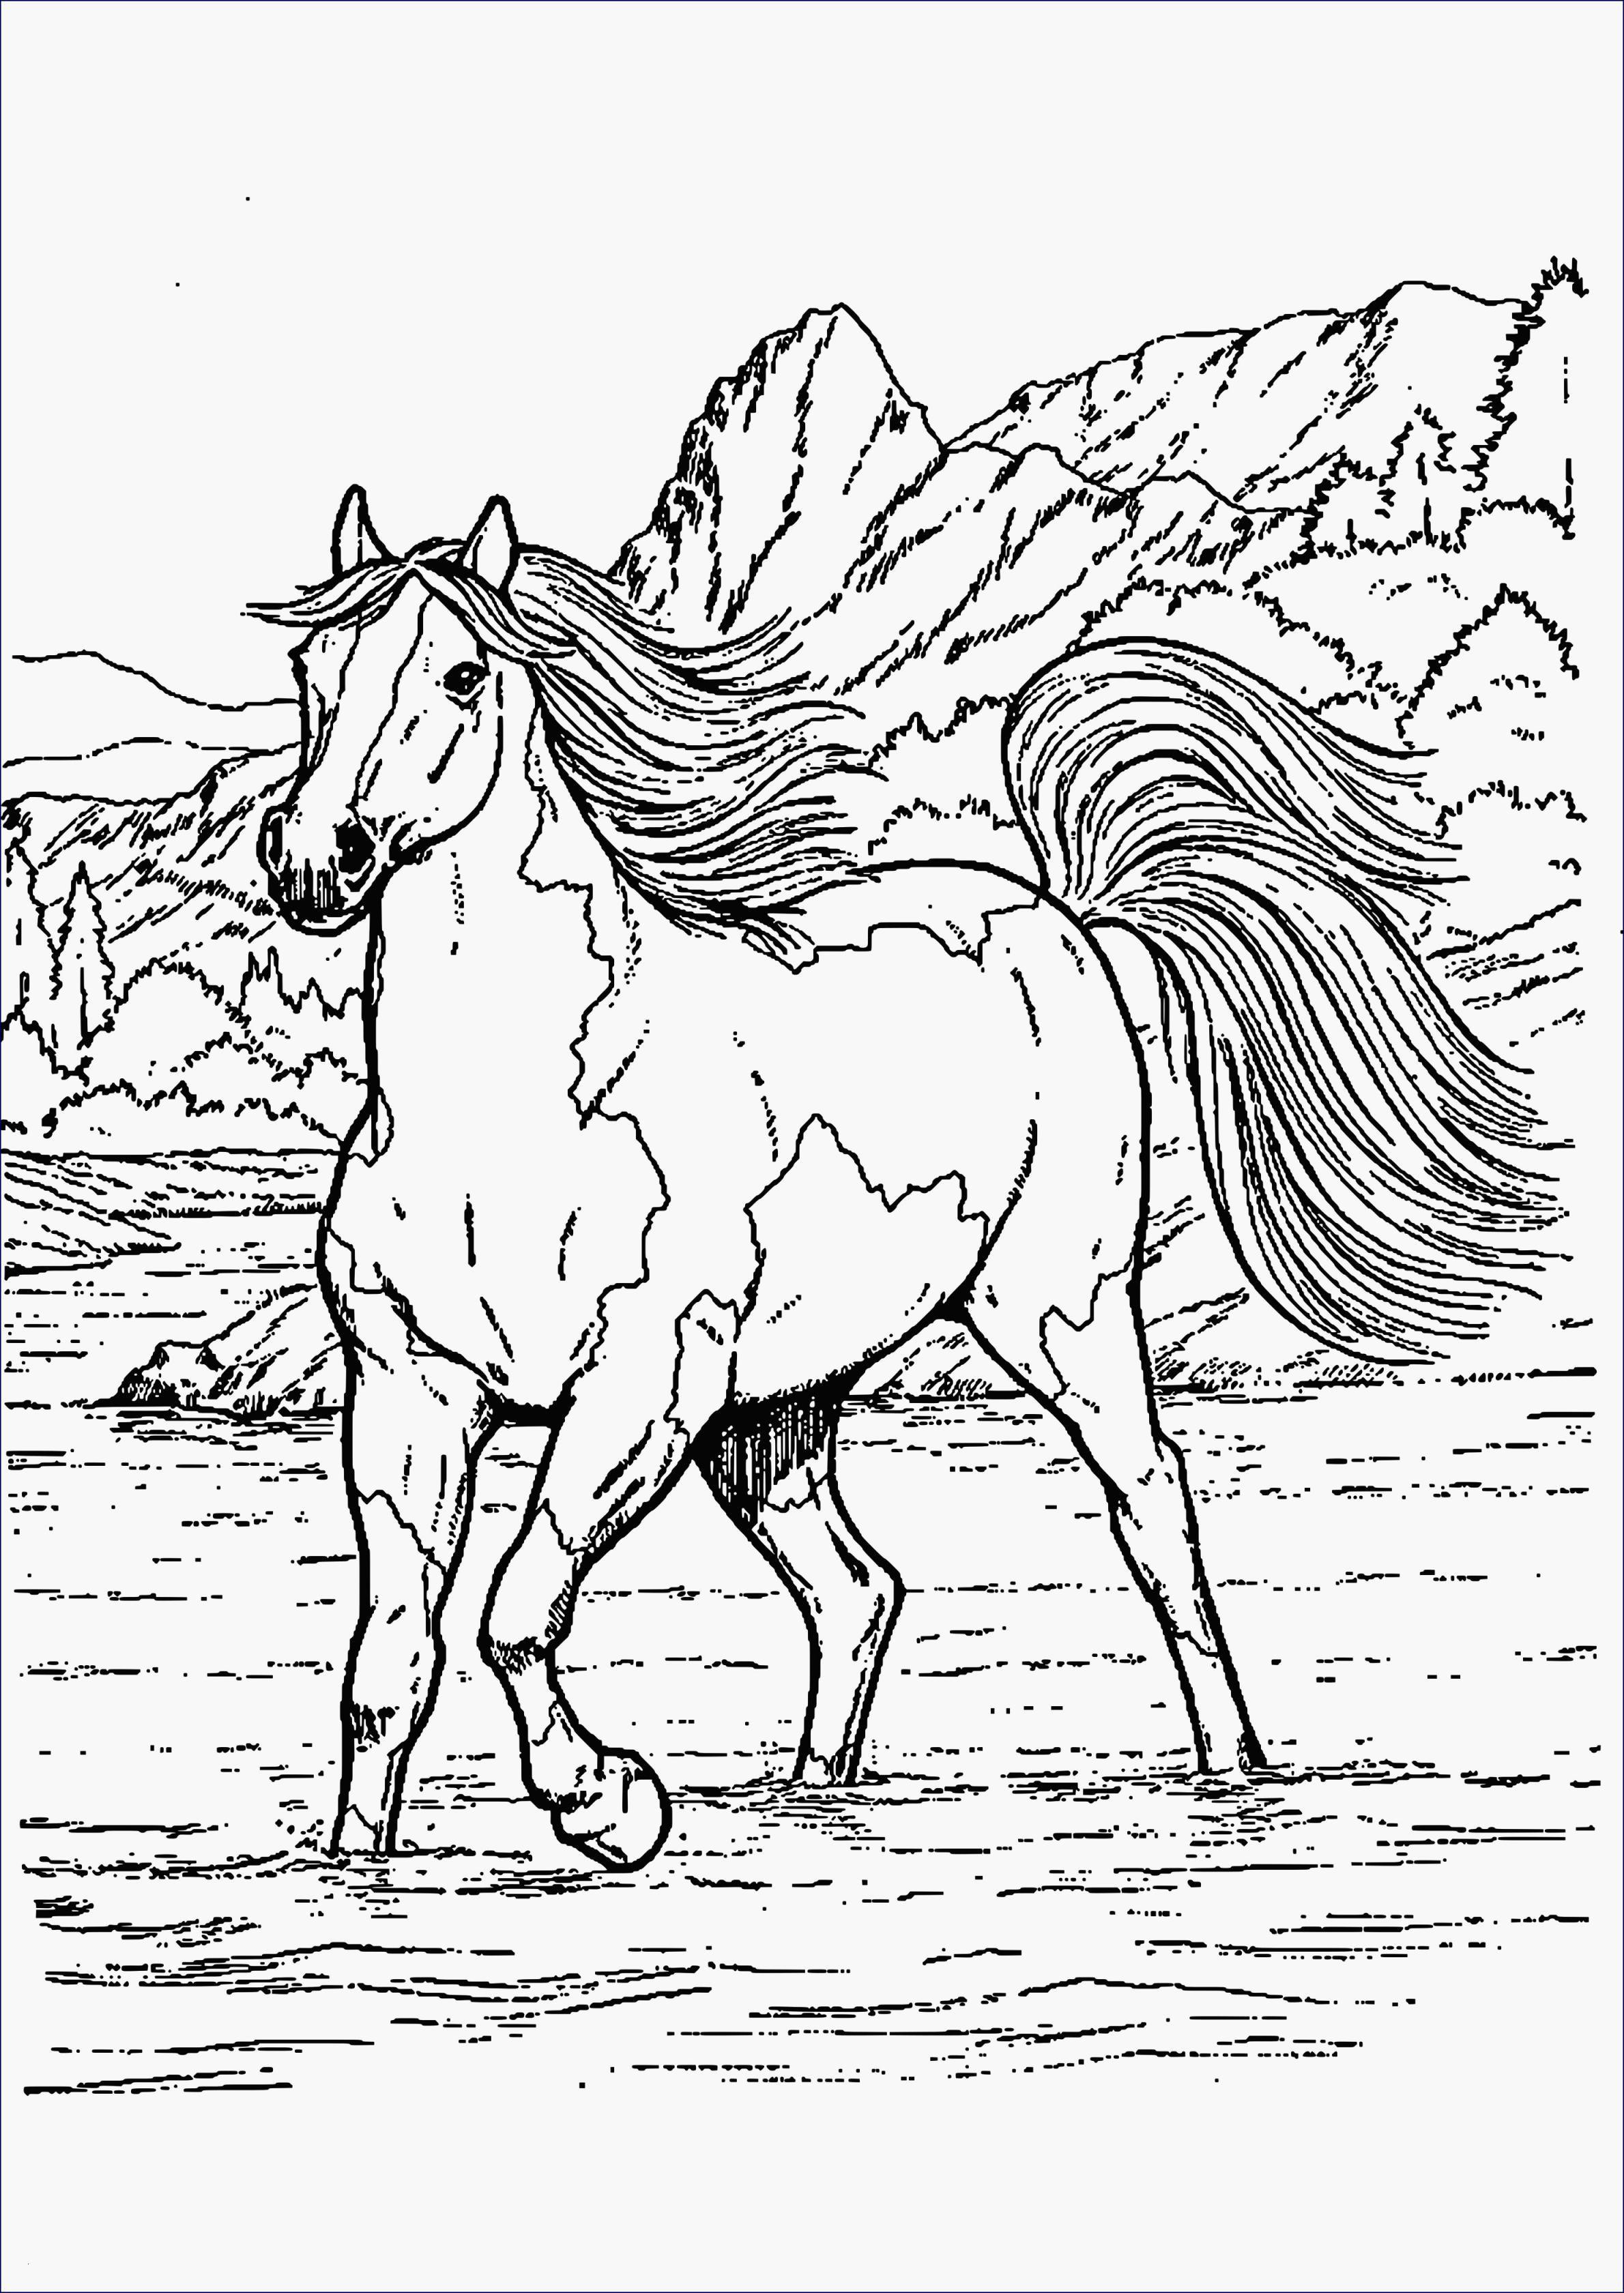 Robin Hood Ausmalbild Neu 40 Pferd Malvorlagen Zum Ausdrucken forstergallery Stock